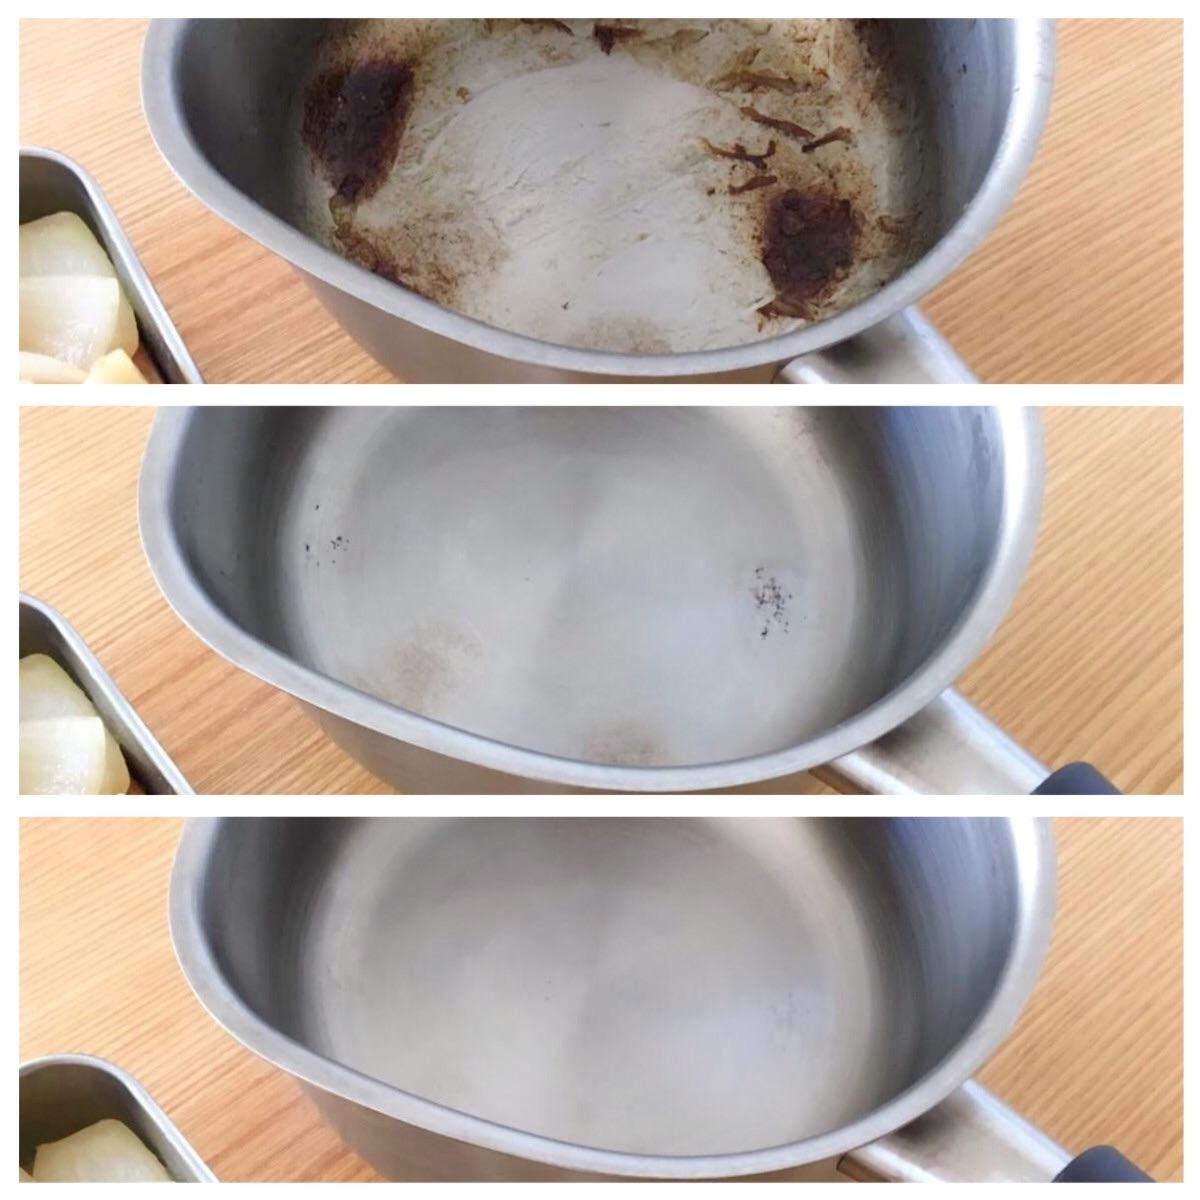 ステンレスの鍋は重曹で簡単に輝きを取り戻す